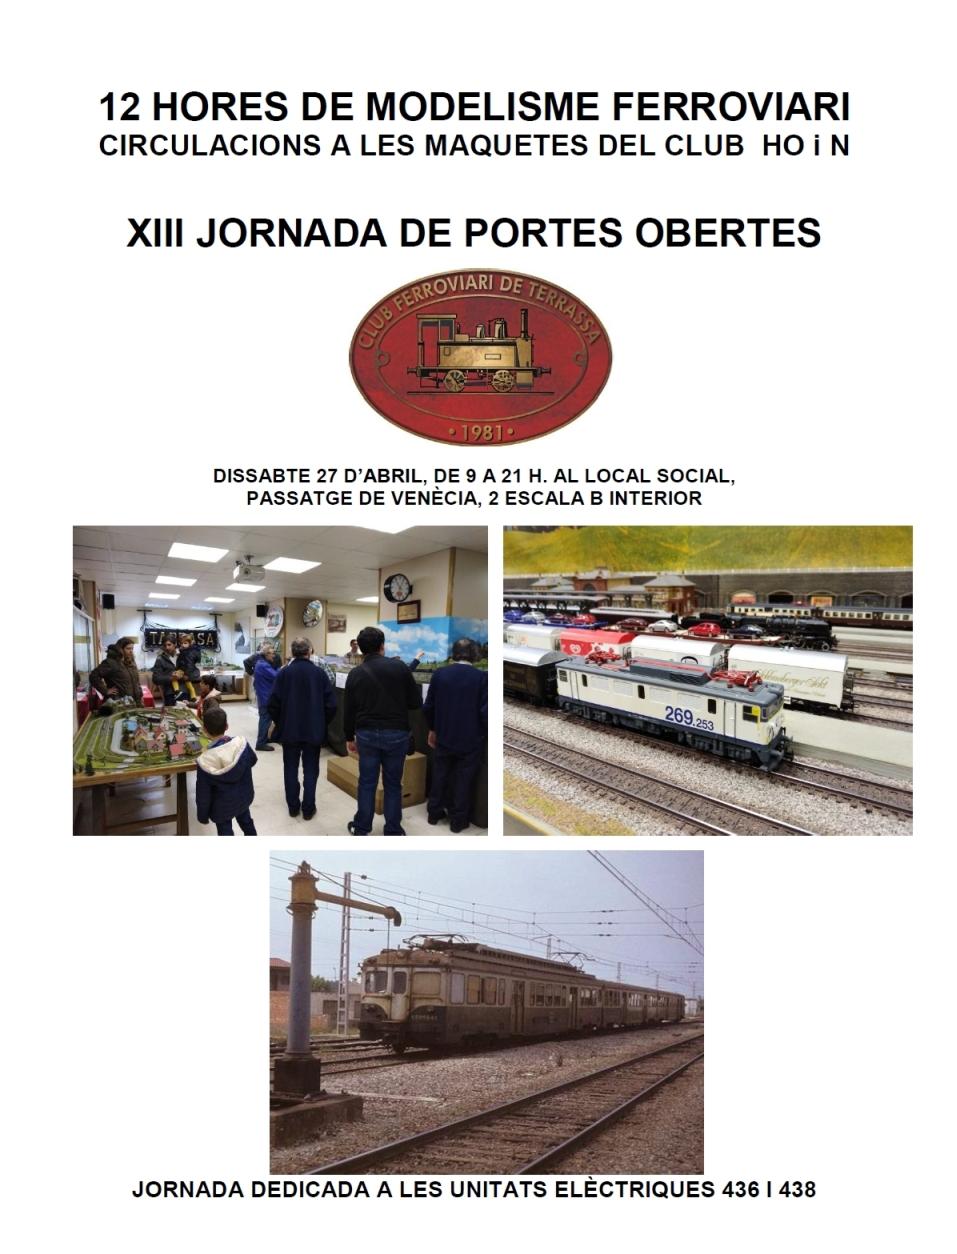 XIII Jornada de Portes Obertes – 12 Hores de modelisme. Club Ferroviari de Terrassa